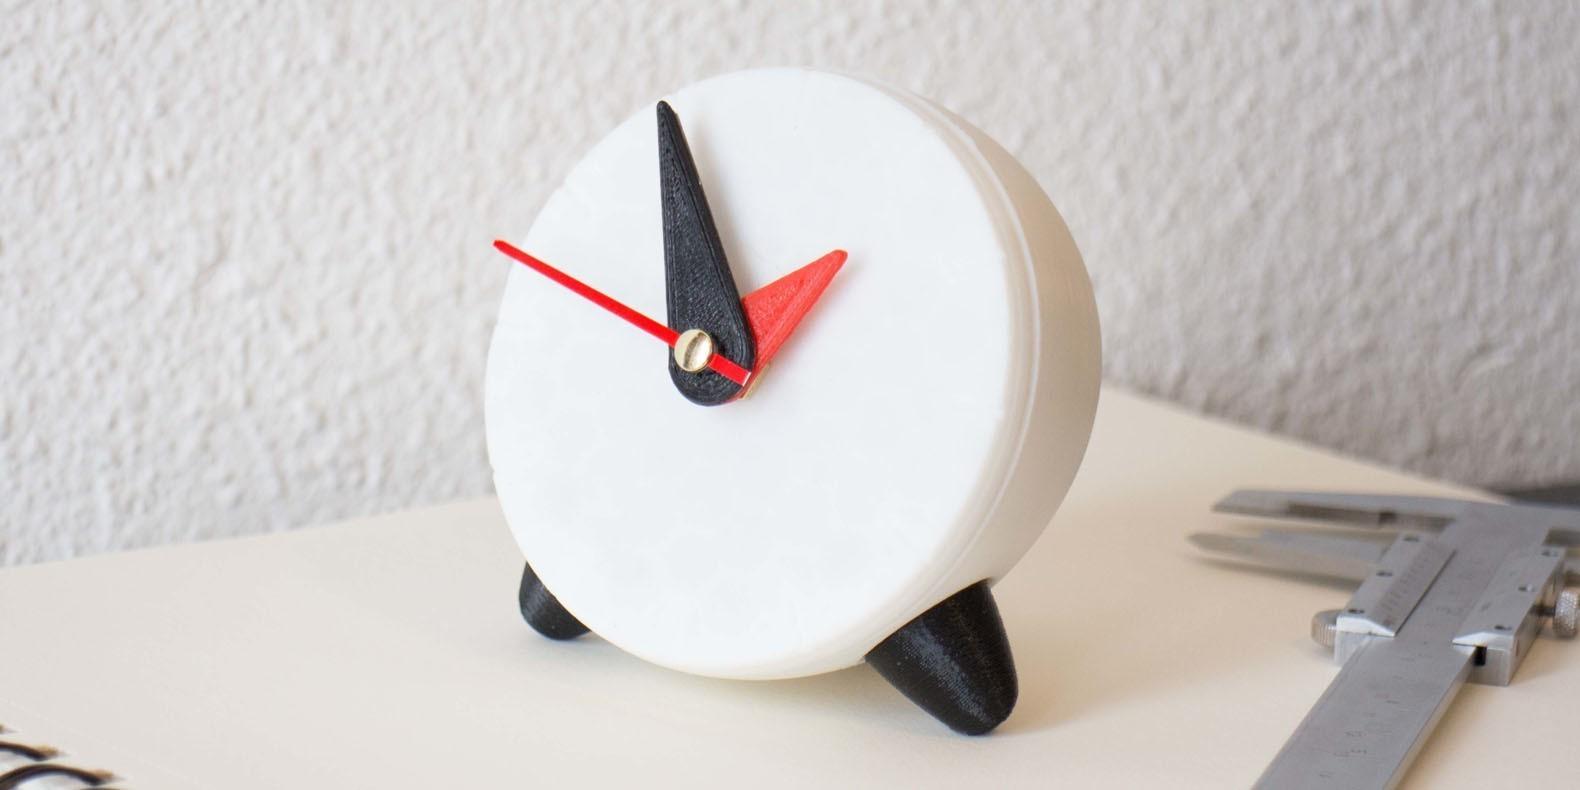 Encuentre aquí una selección de los mejores modelos 3D de relojes y pulseras para hacer con una impresora 3D